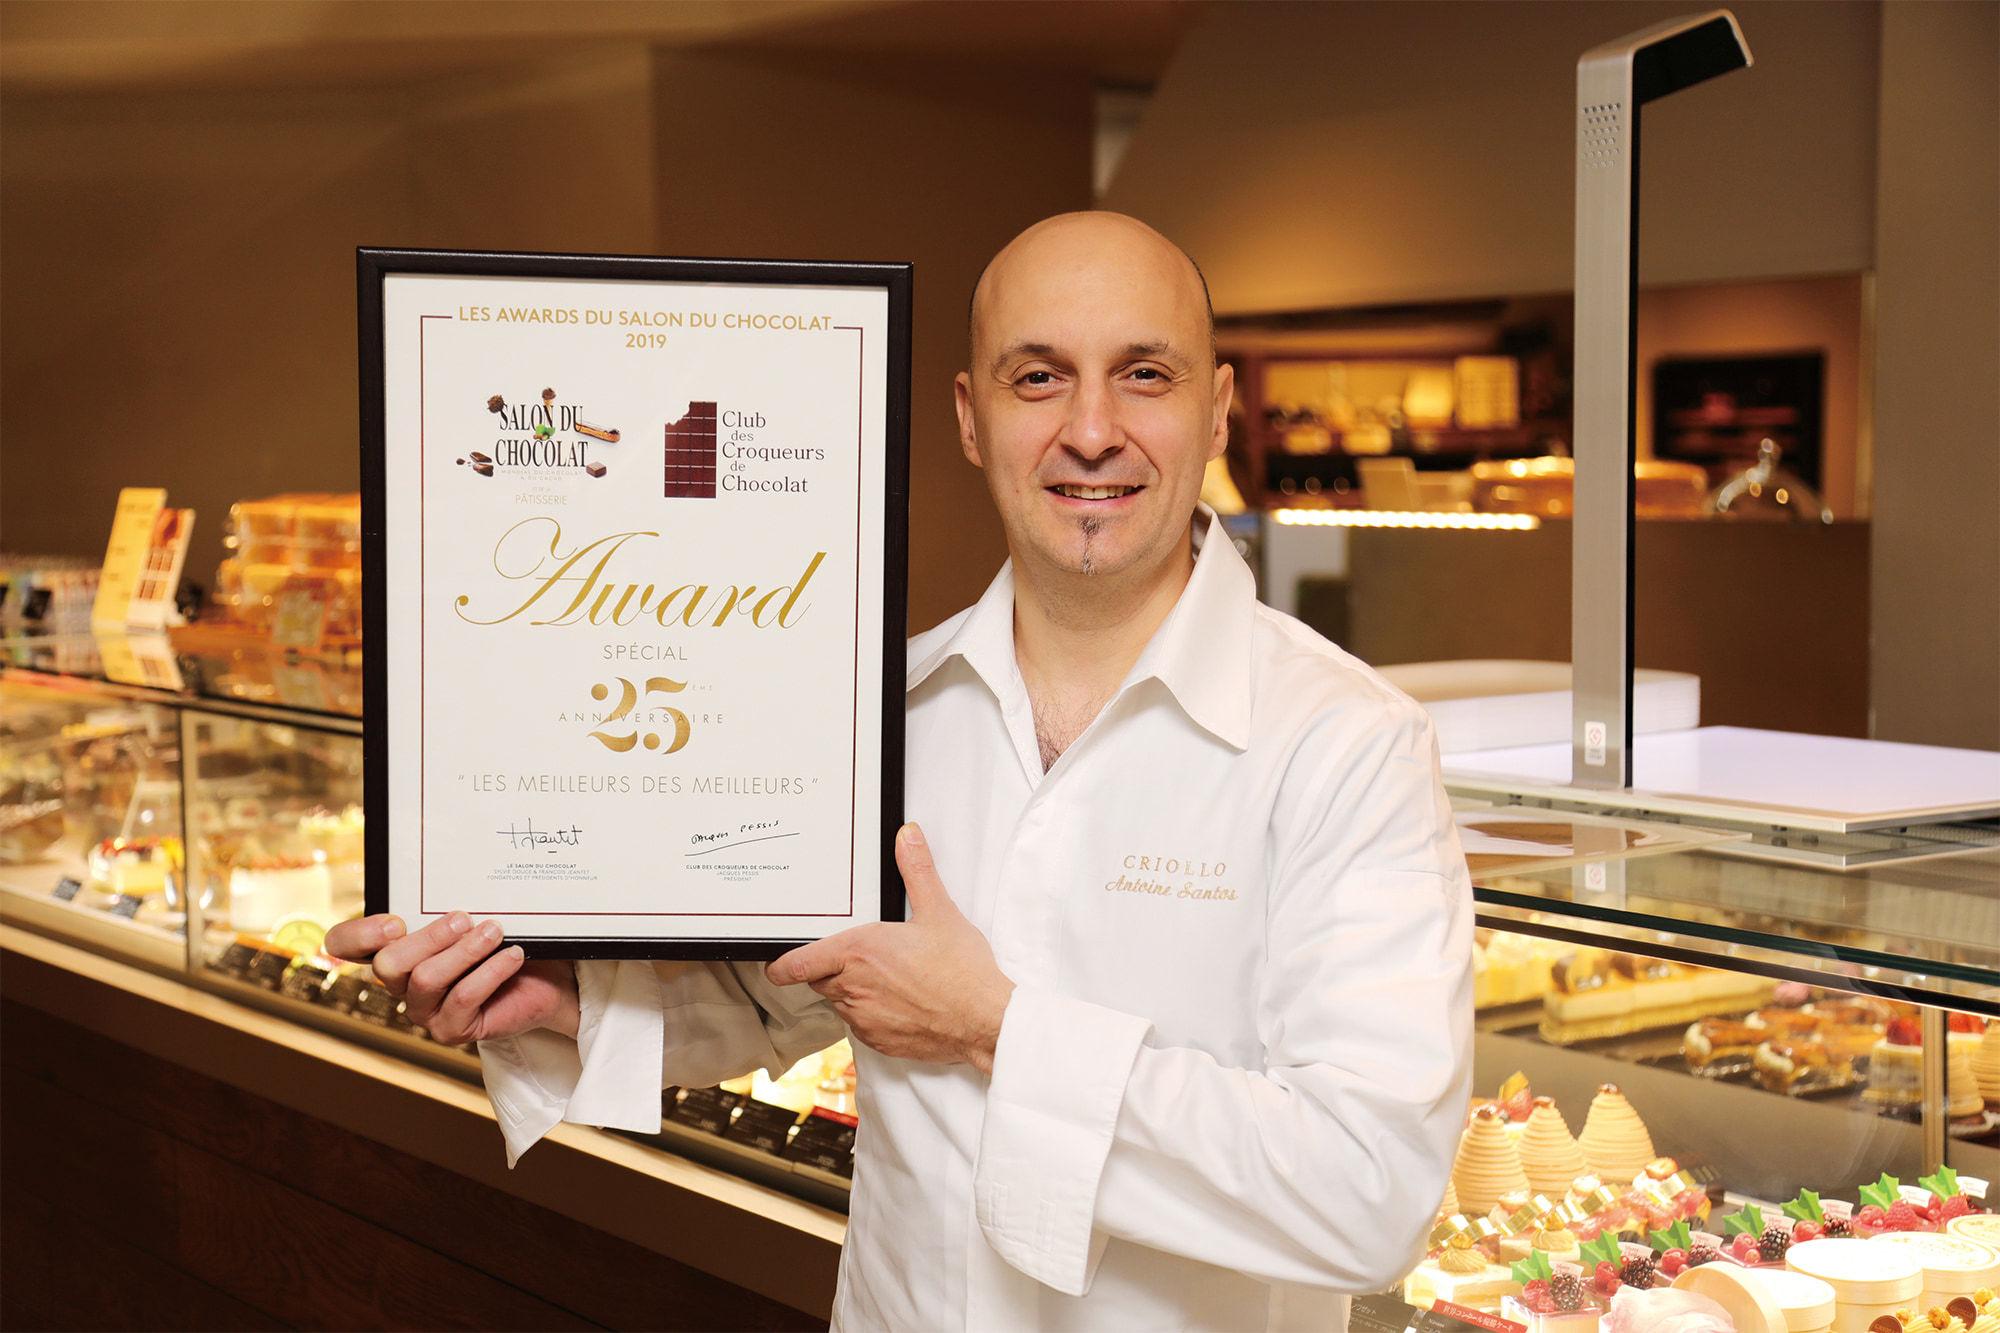 2019年、パリのサロン・デュ・ショコラにてベストチョコレートショップアワードを受賞した「クリオロ」アントワーヌ・サントスシェフ。